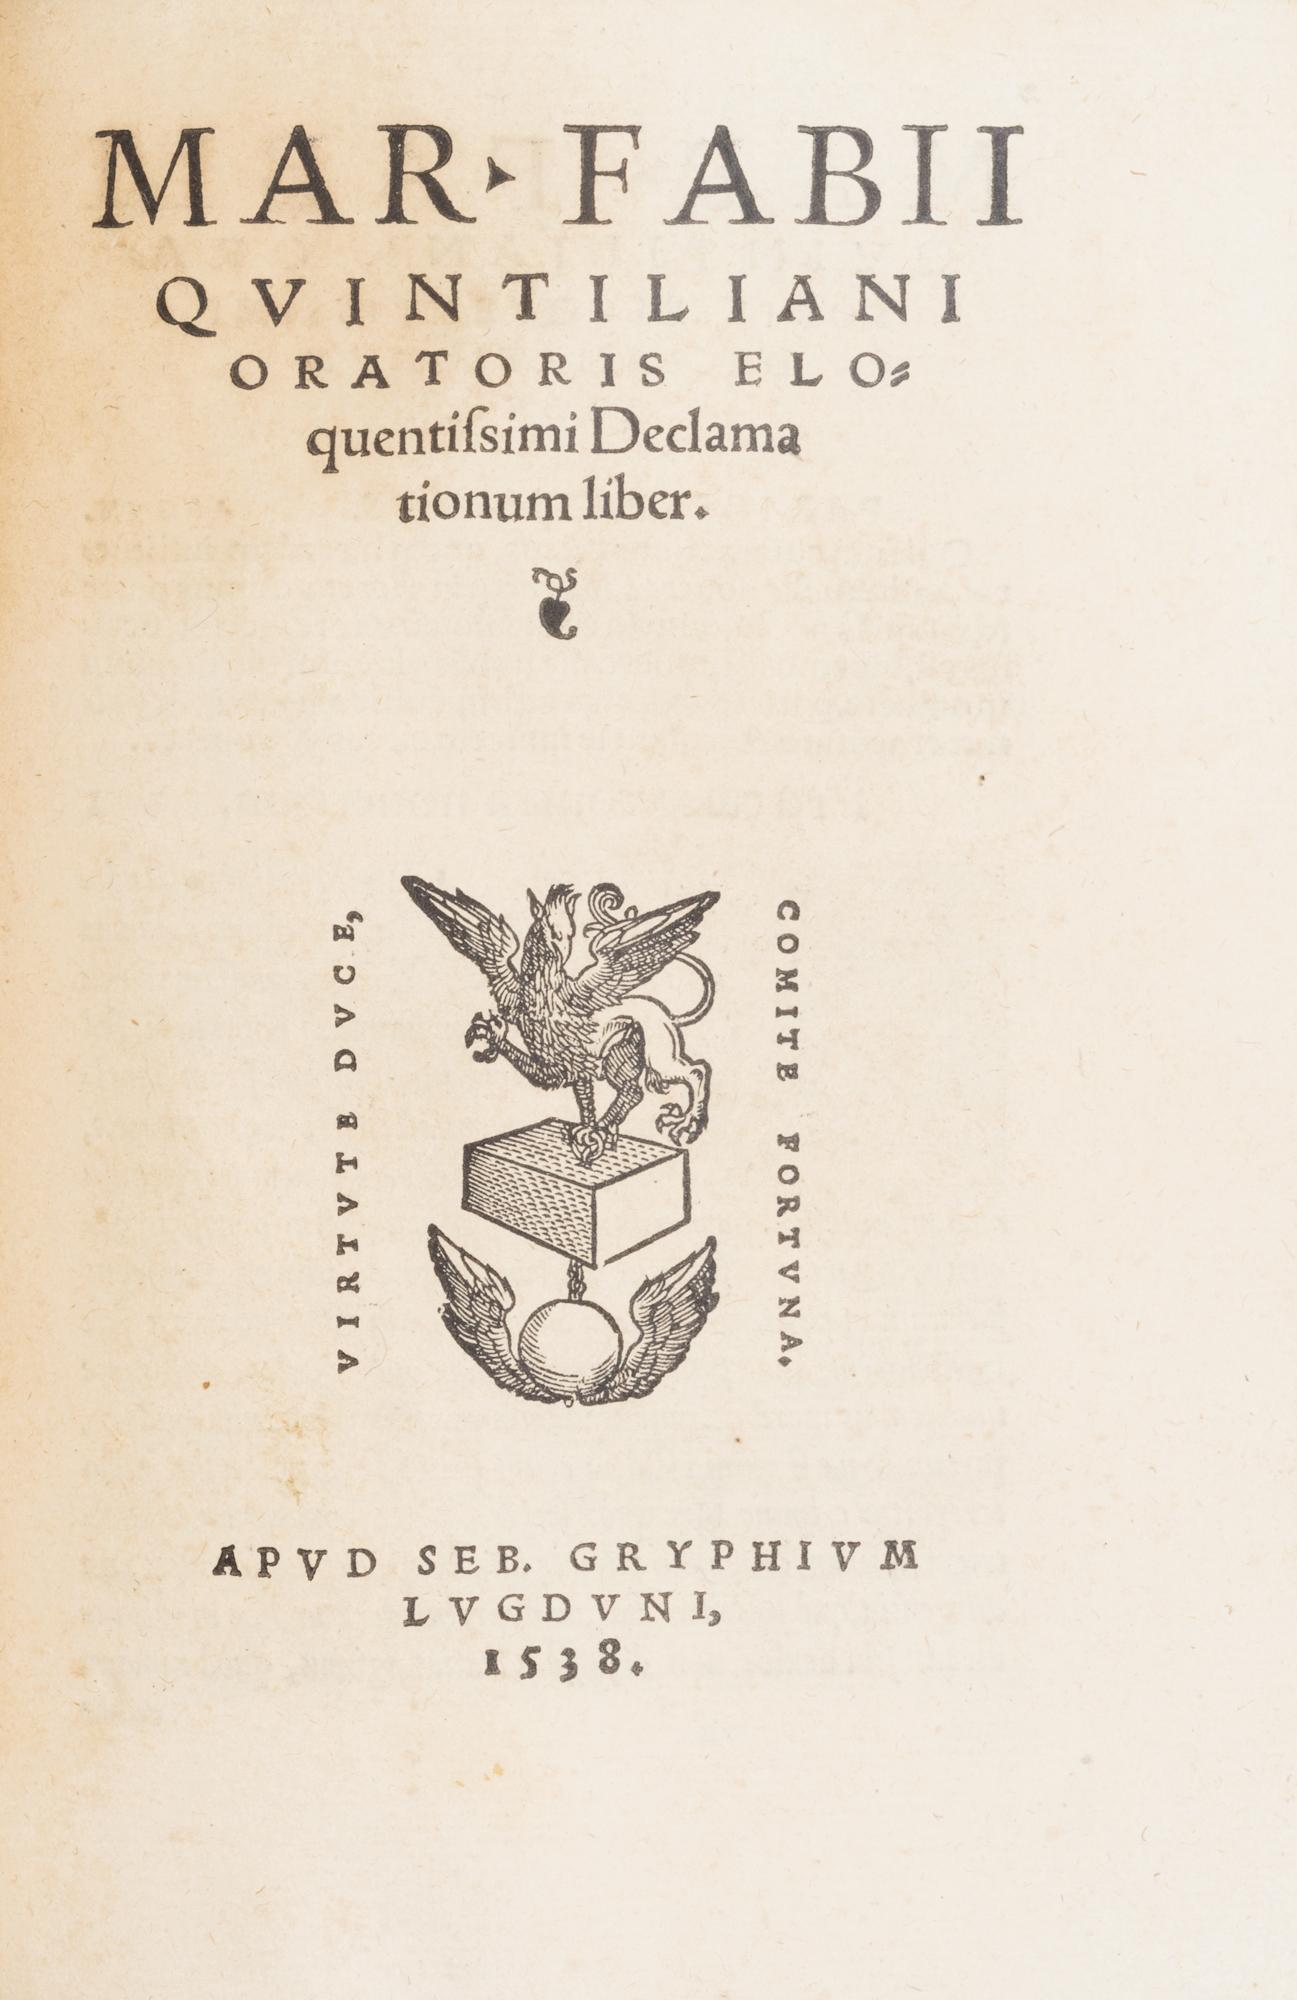 Institutionum oratoriarum libri XII. Eiusdem Declamationum liber